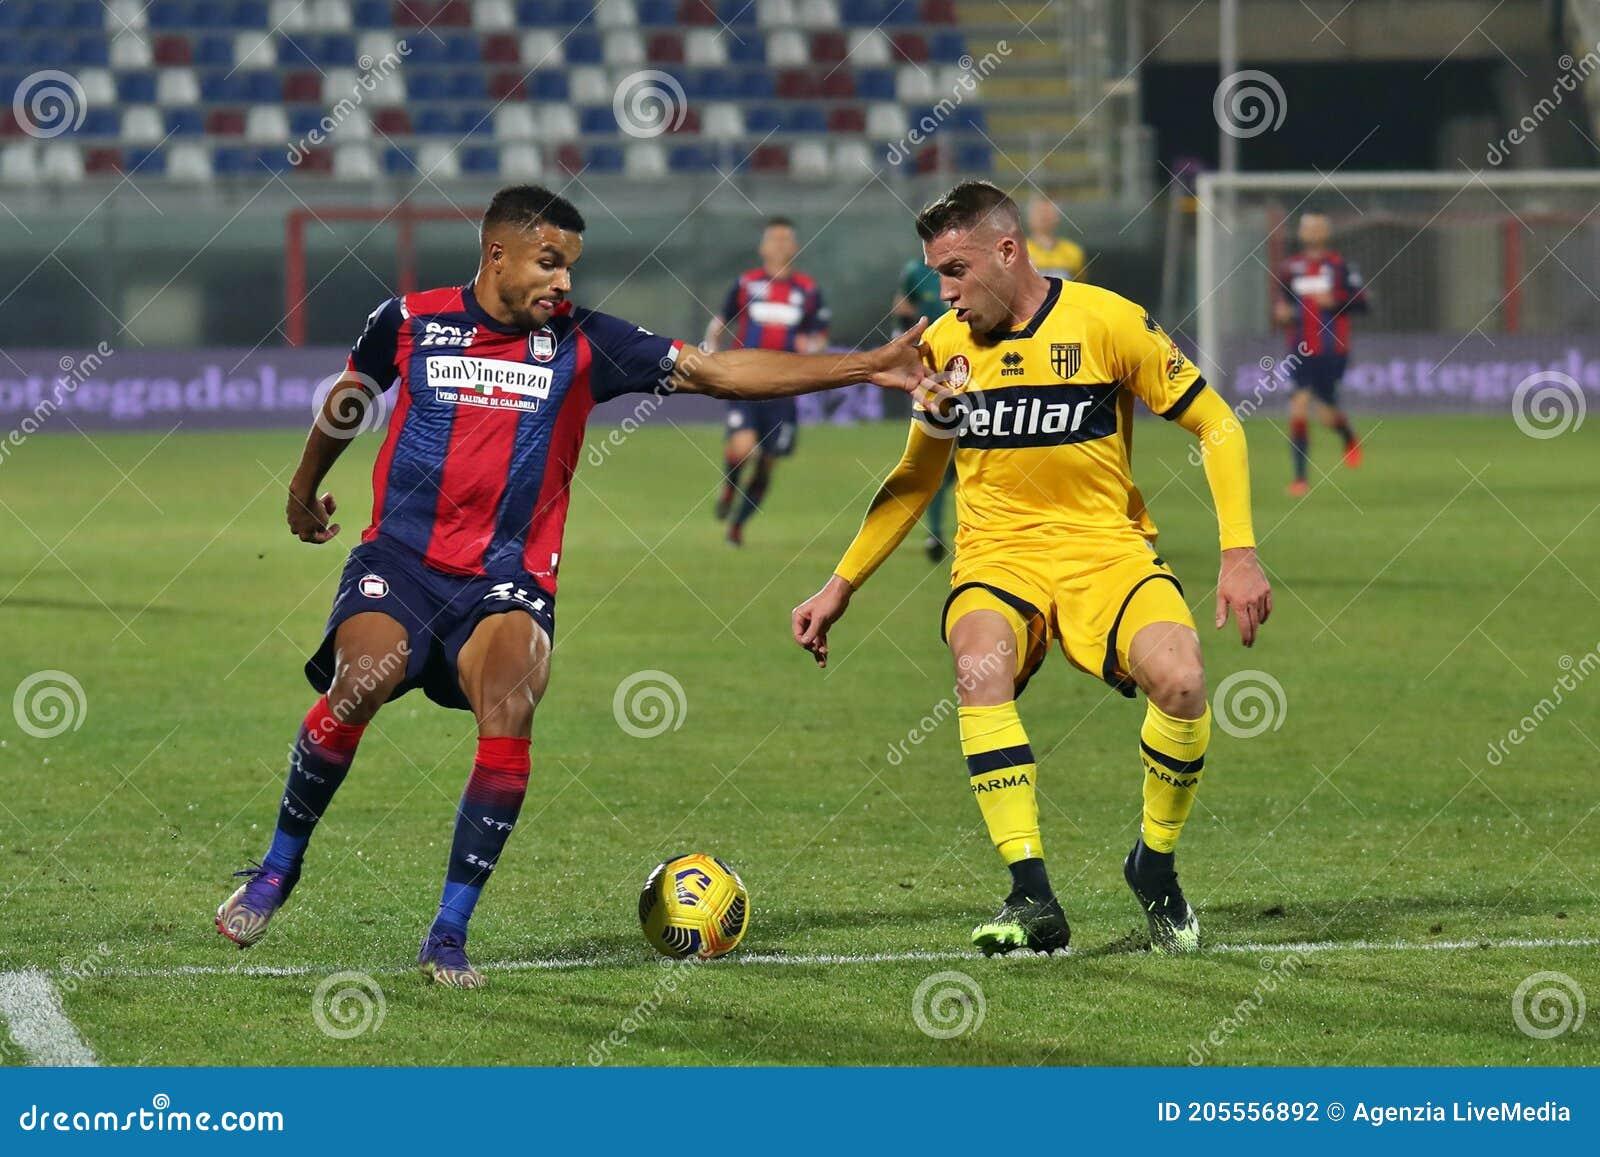 FC Crotone vs Parma Calcio editorial photography. Image of crotone -  205556892